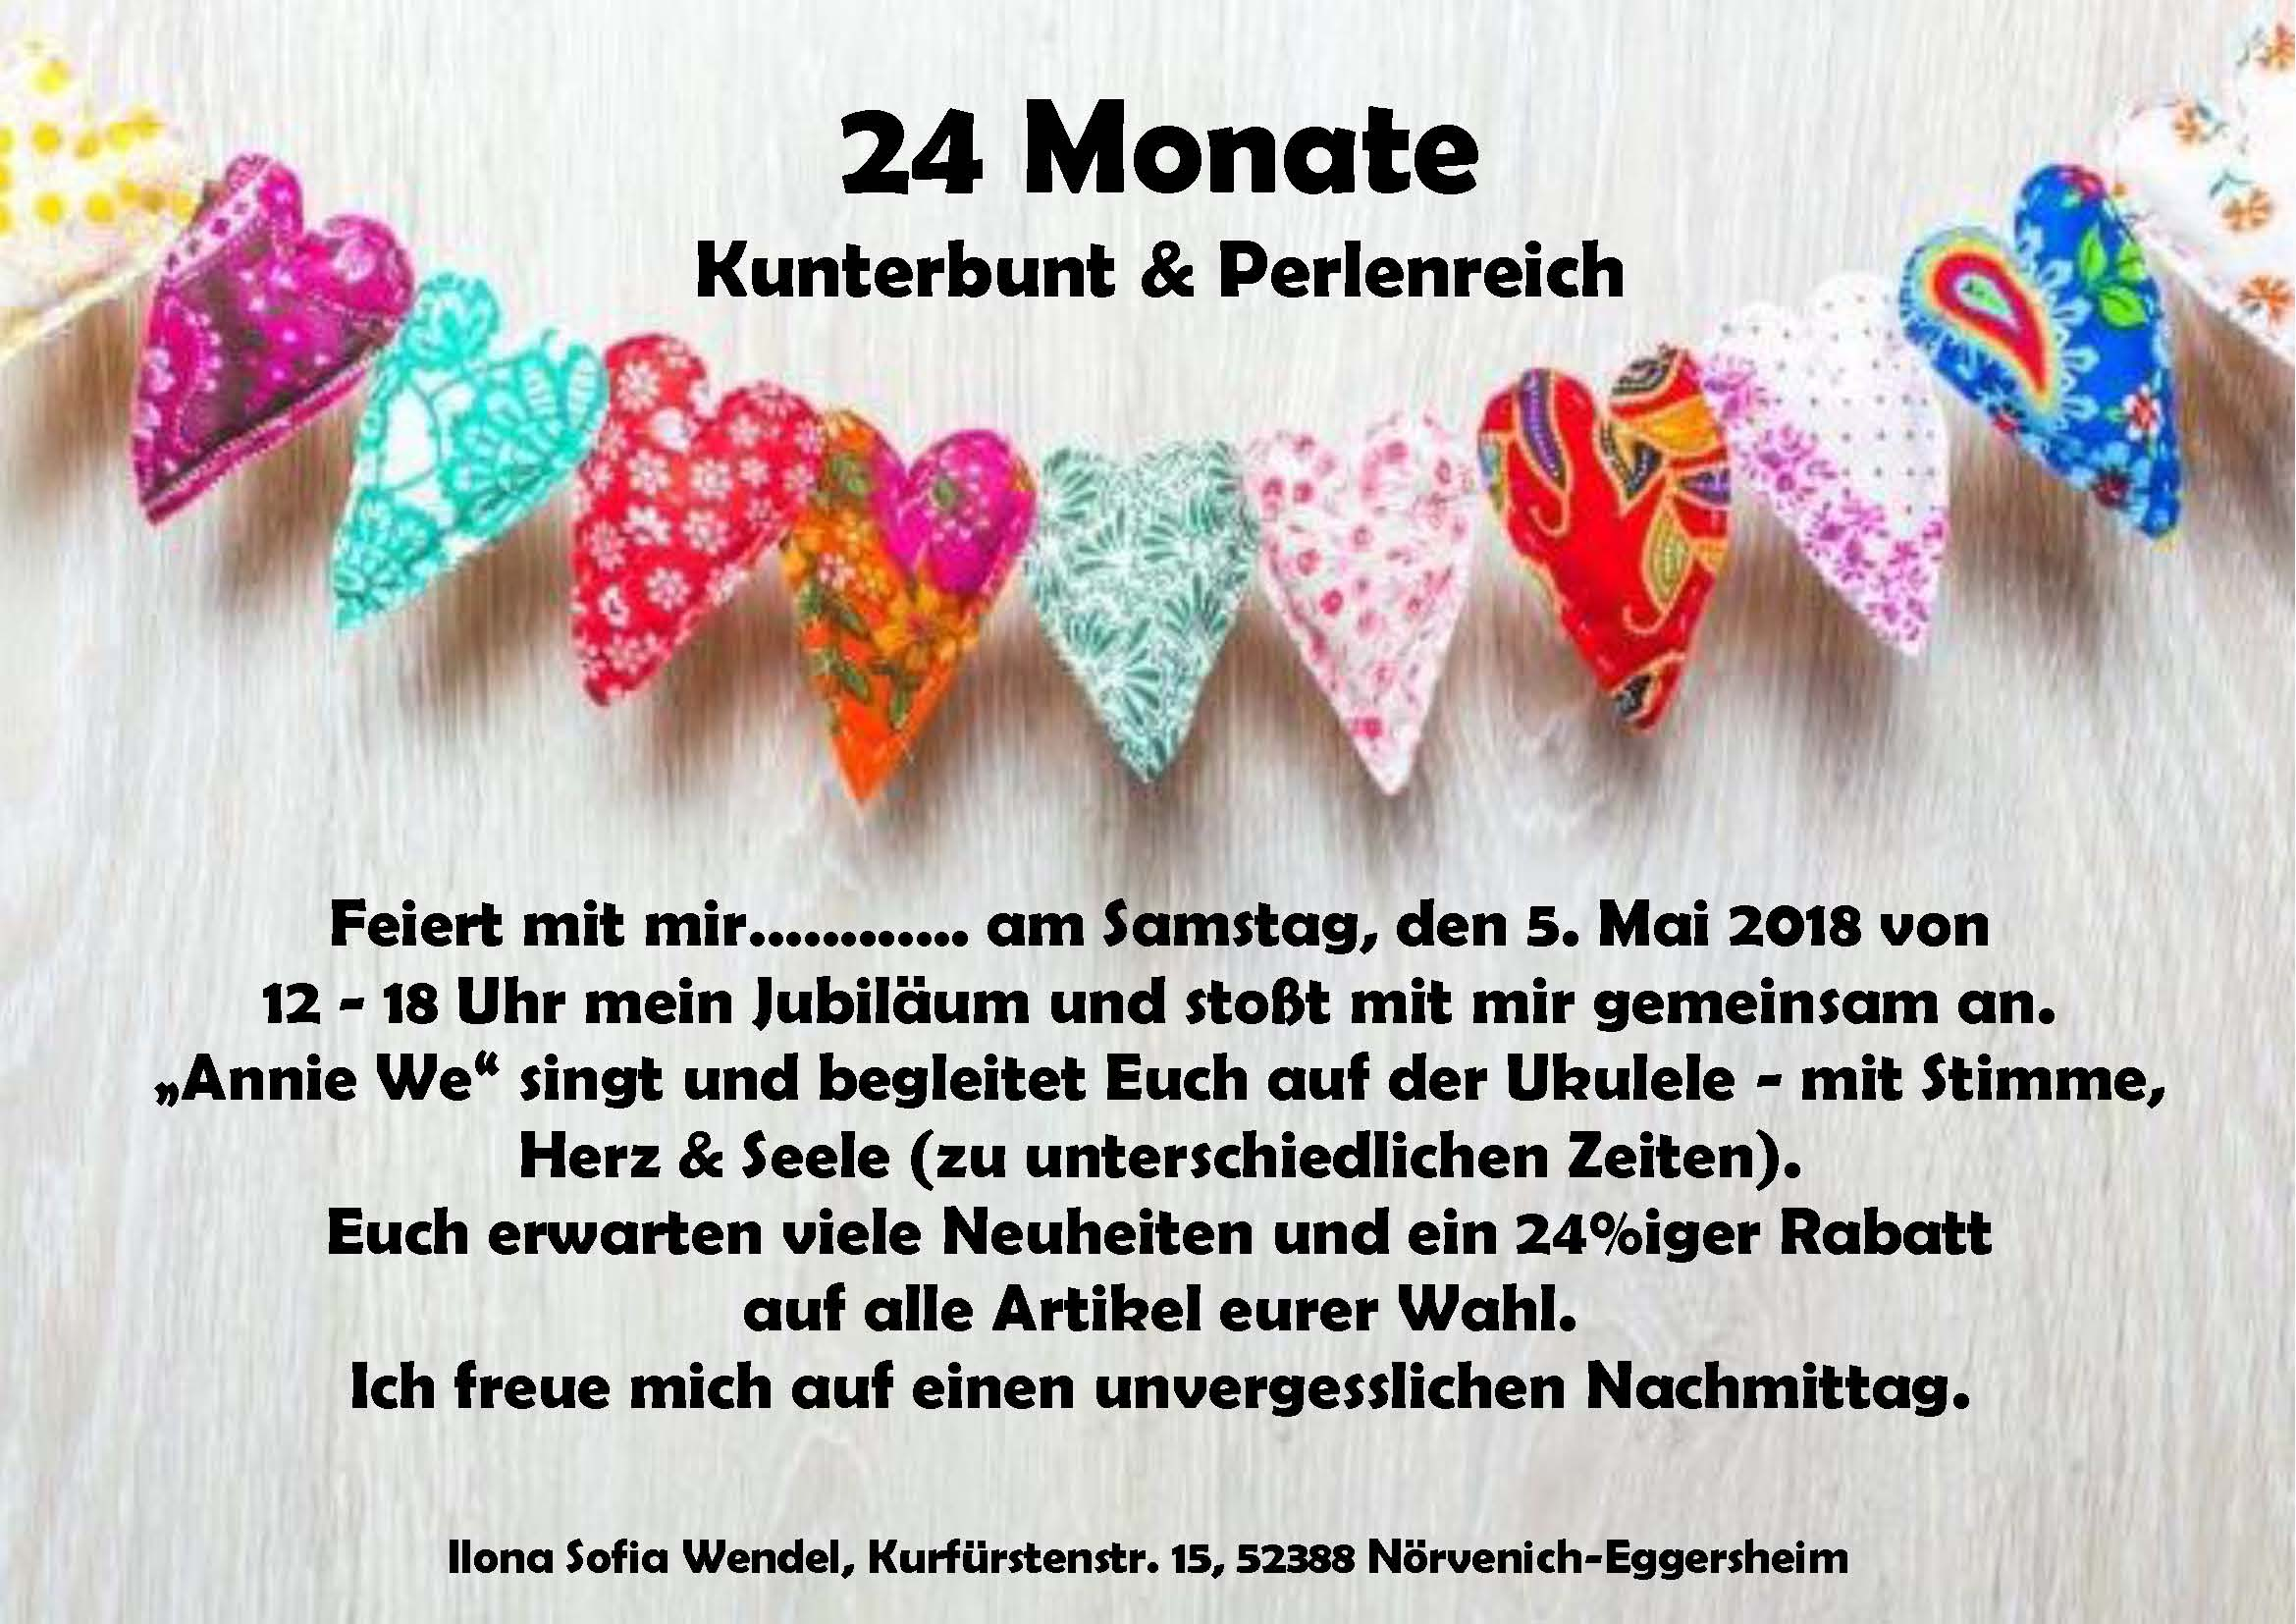 Jubiläum kunterbunt & perlenreich-2